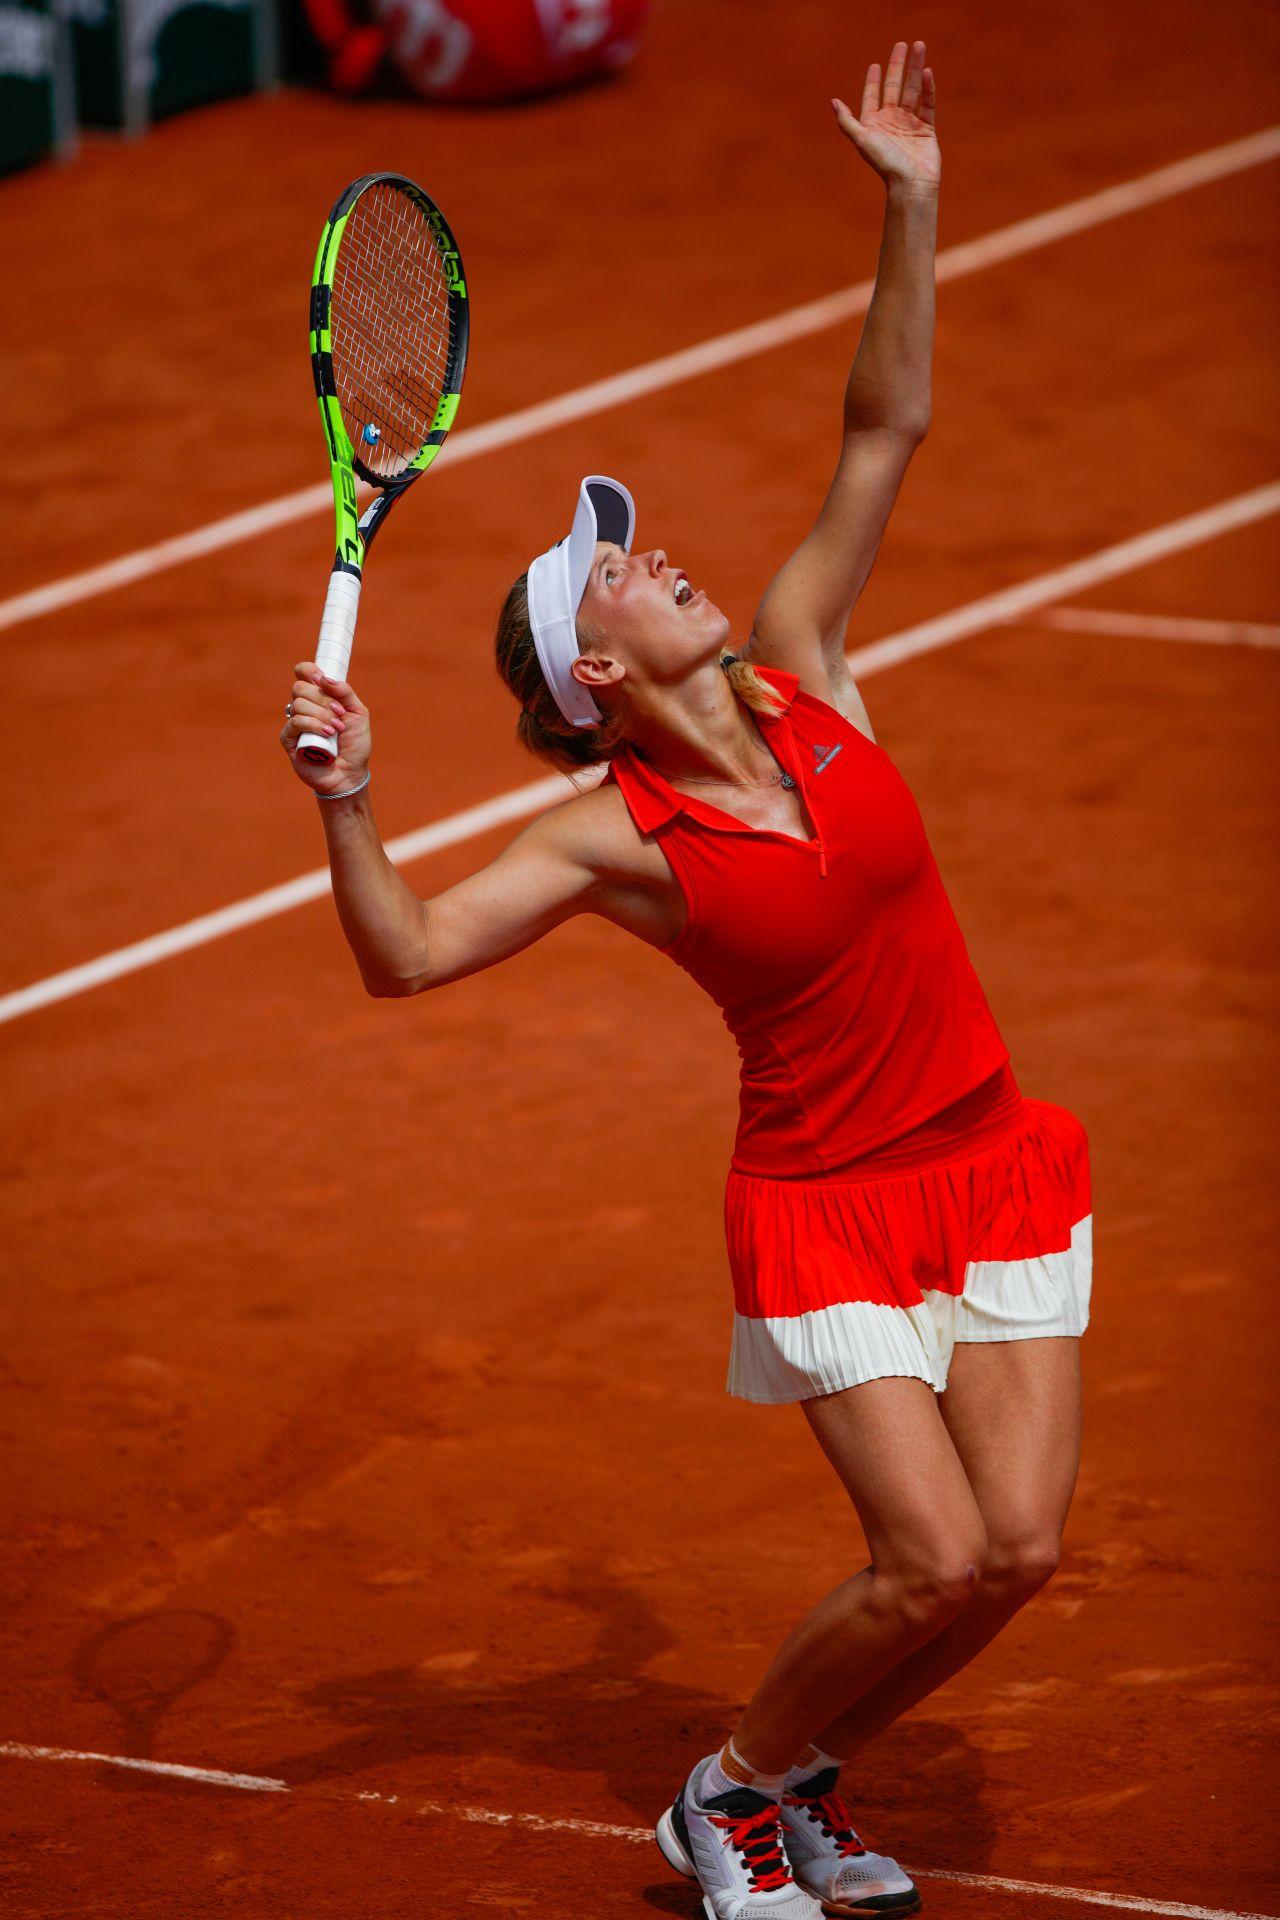 Caroline wozniacki french open tennis tournament in roland garros paris 05 29 2017 - Roland garros 2017 schedule ...